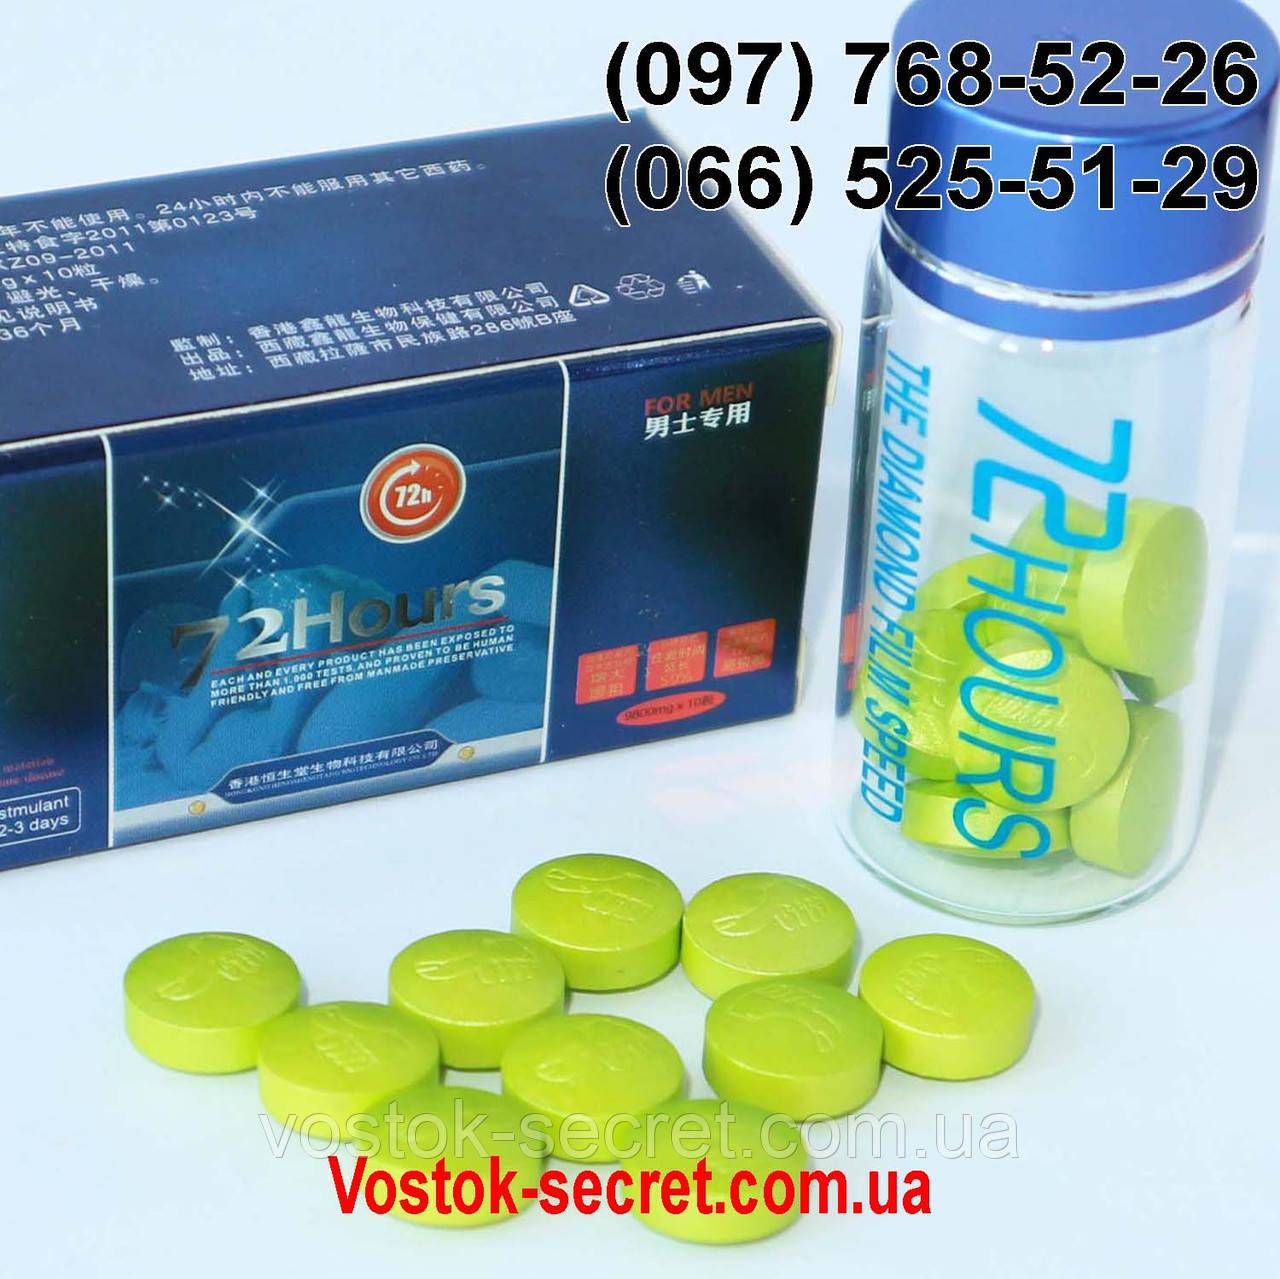 72 Hours - 72 Часа - препарат для потенции.